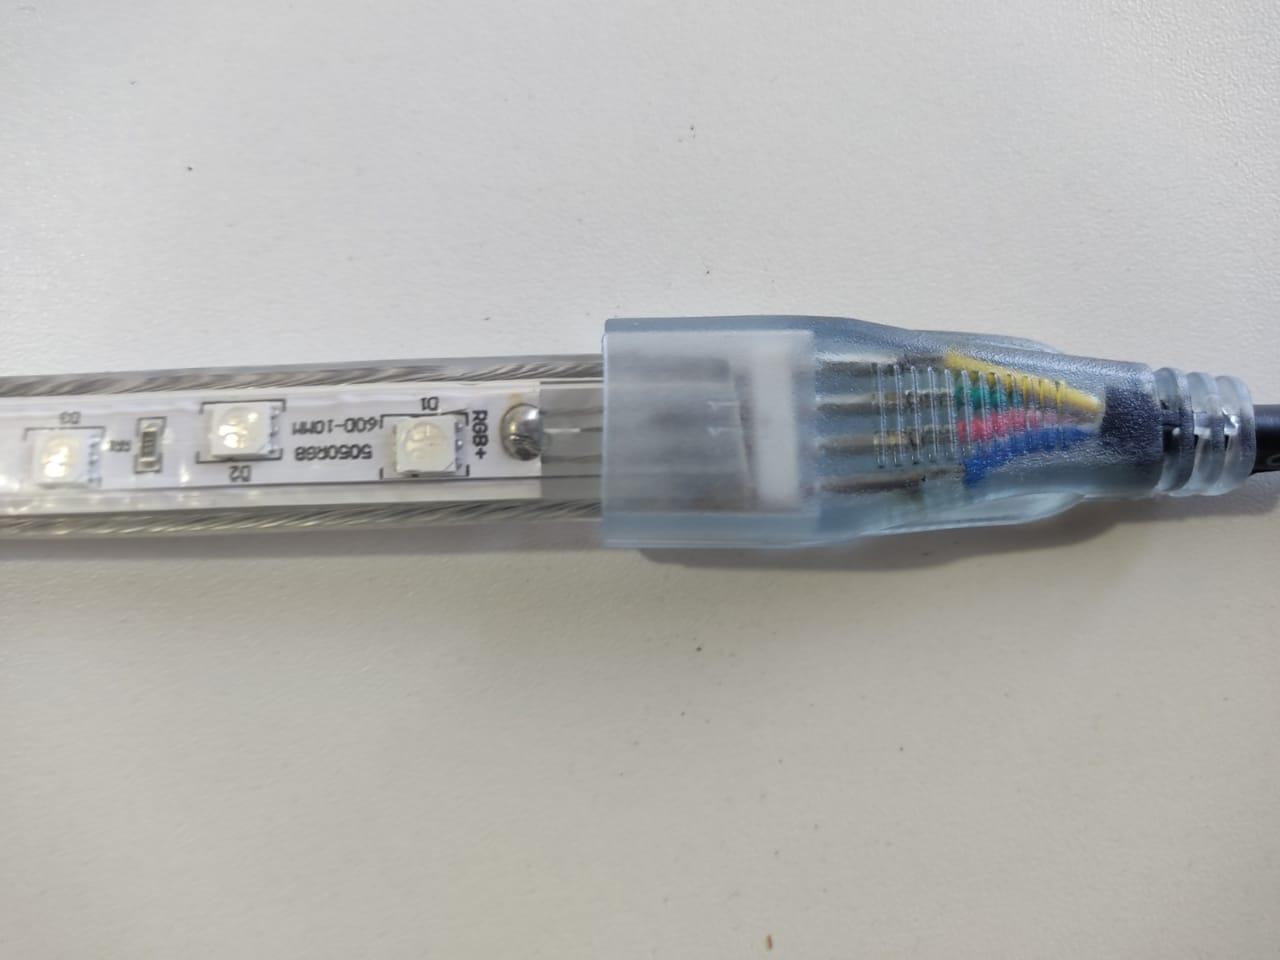 Fita LED RGB 5050 12m Premium Grossa Resistente e Fonte 220v